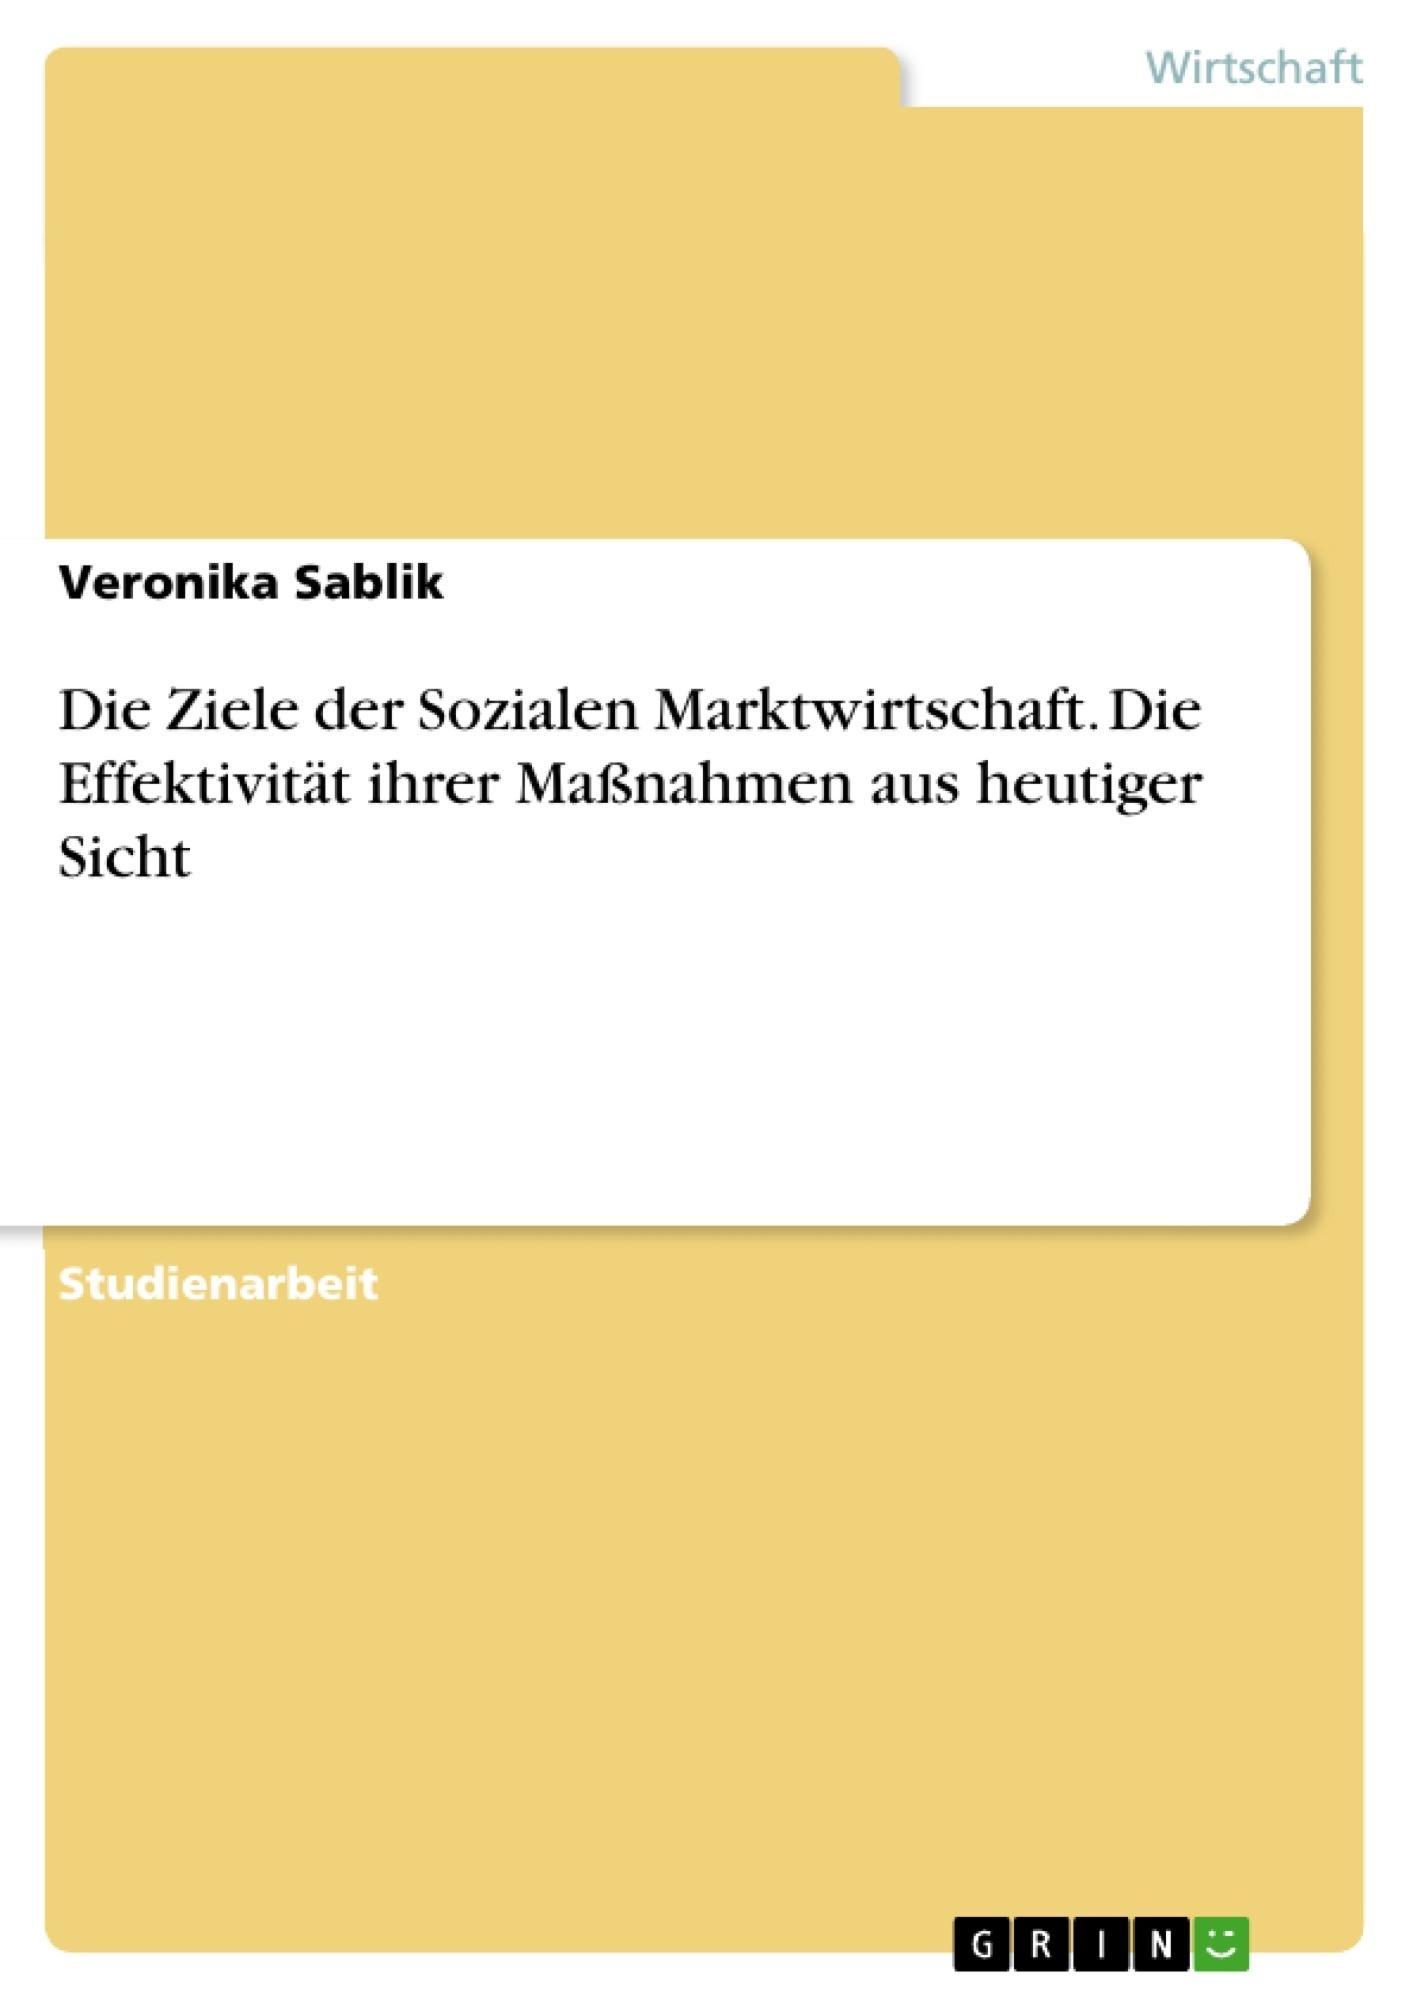 Titel: Die Ziele der Sozialen Marktwirtschaft. Die Effektivität ihrer Maßnahmen aus heutiger Sicht